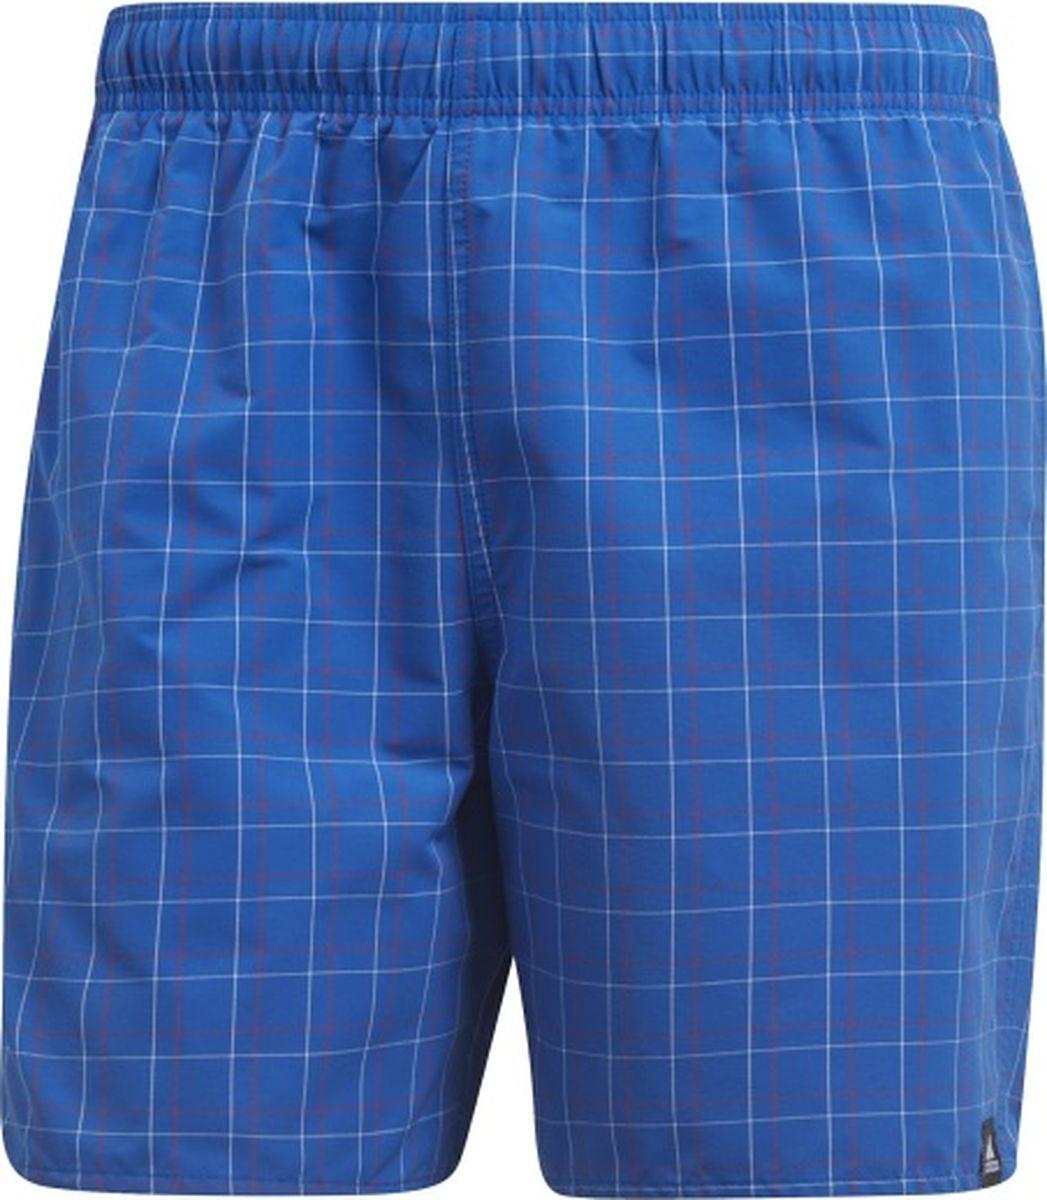 Шорты мужские Adidas Check Sh Sl, цвет: синий. CV5164. Размер XL (56/58)CV5164Мужские шорты для плаванья от Adidas выполнены из полиэстера. Модель с эластичным поясом дополнена боковыми карманами. Изделие оформлено принтом в клетку.